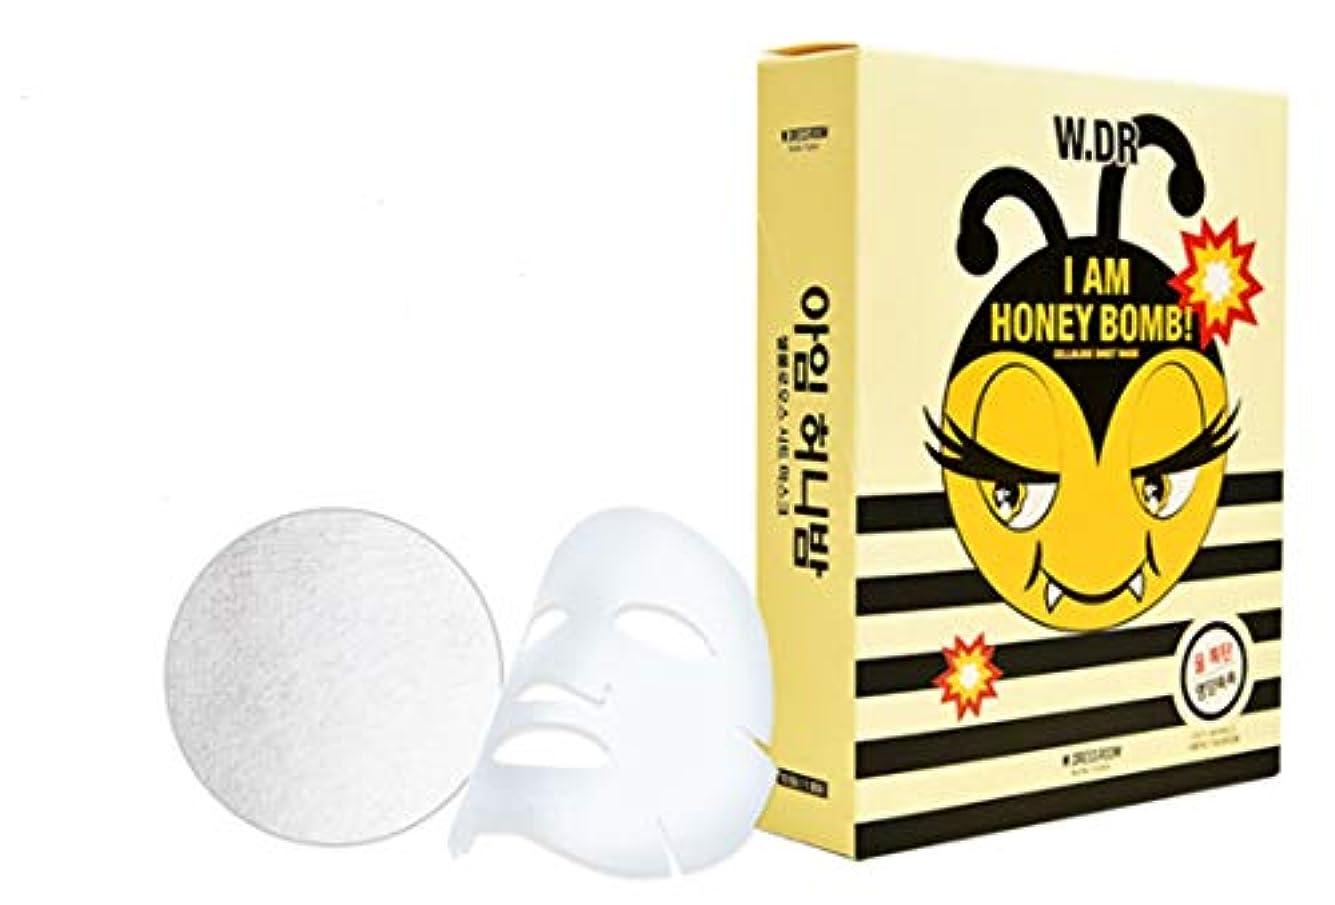 トラフィックふつう会計士W.DRESSROOM I am honey bomb cellulose sheet mask 10ea 乾燥した肌に潤い爆弾!栄養爆弾!(海外直送品)